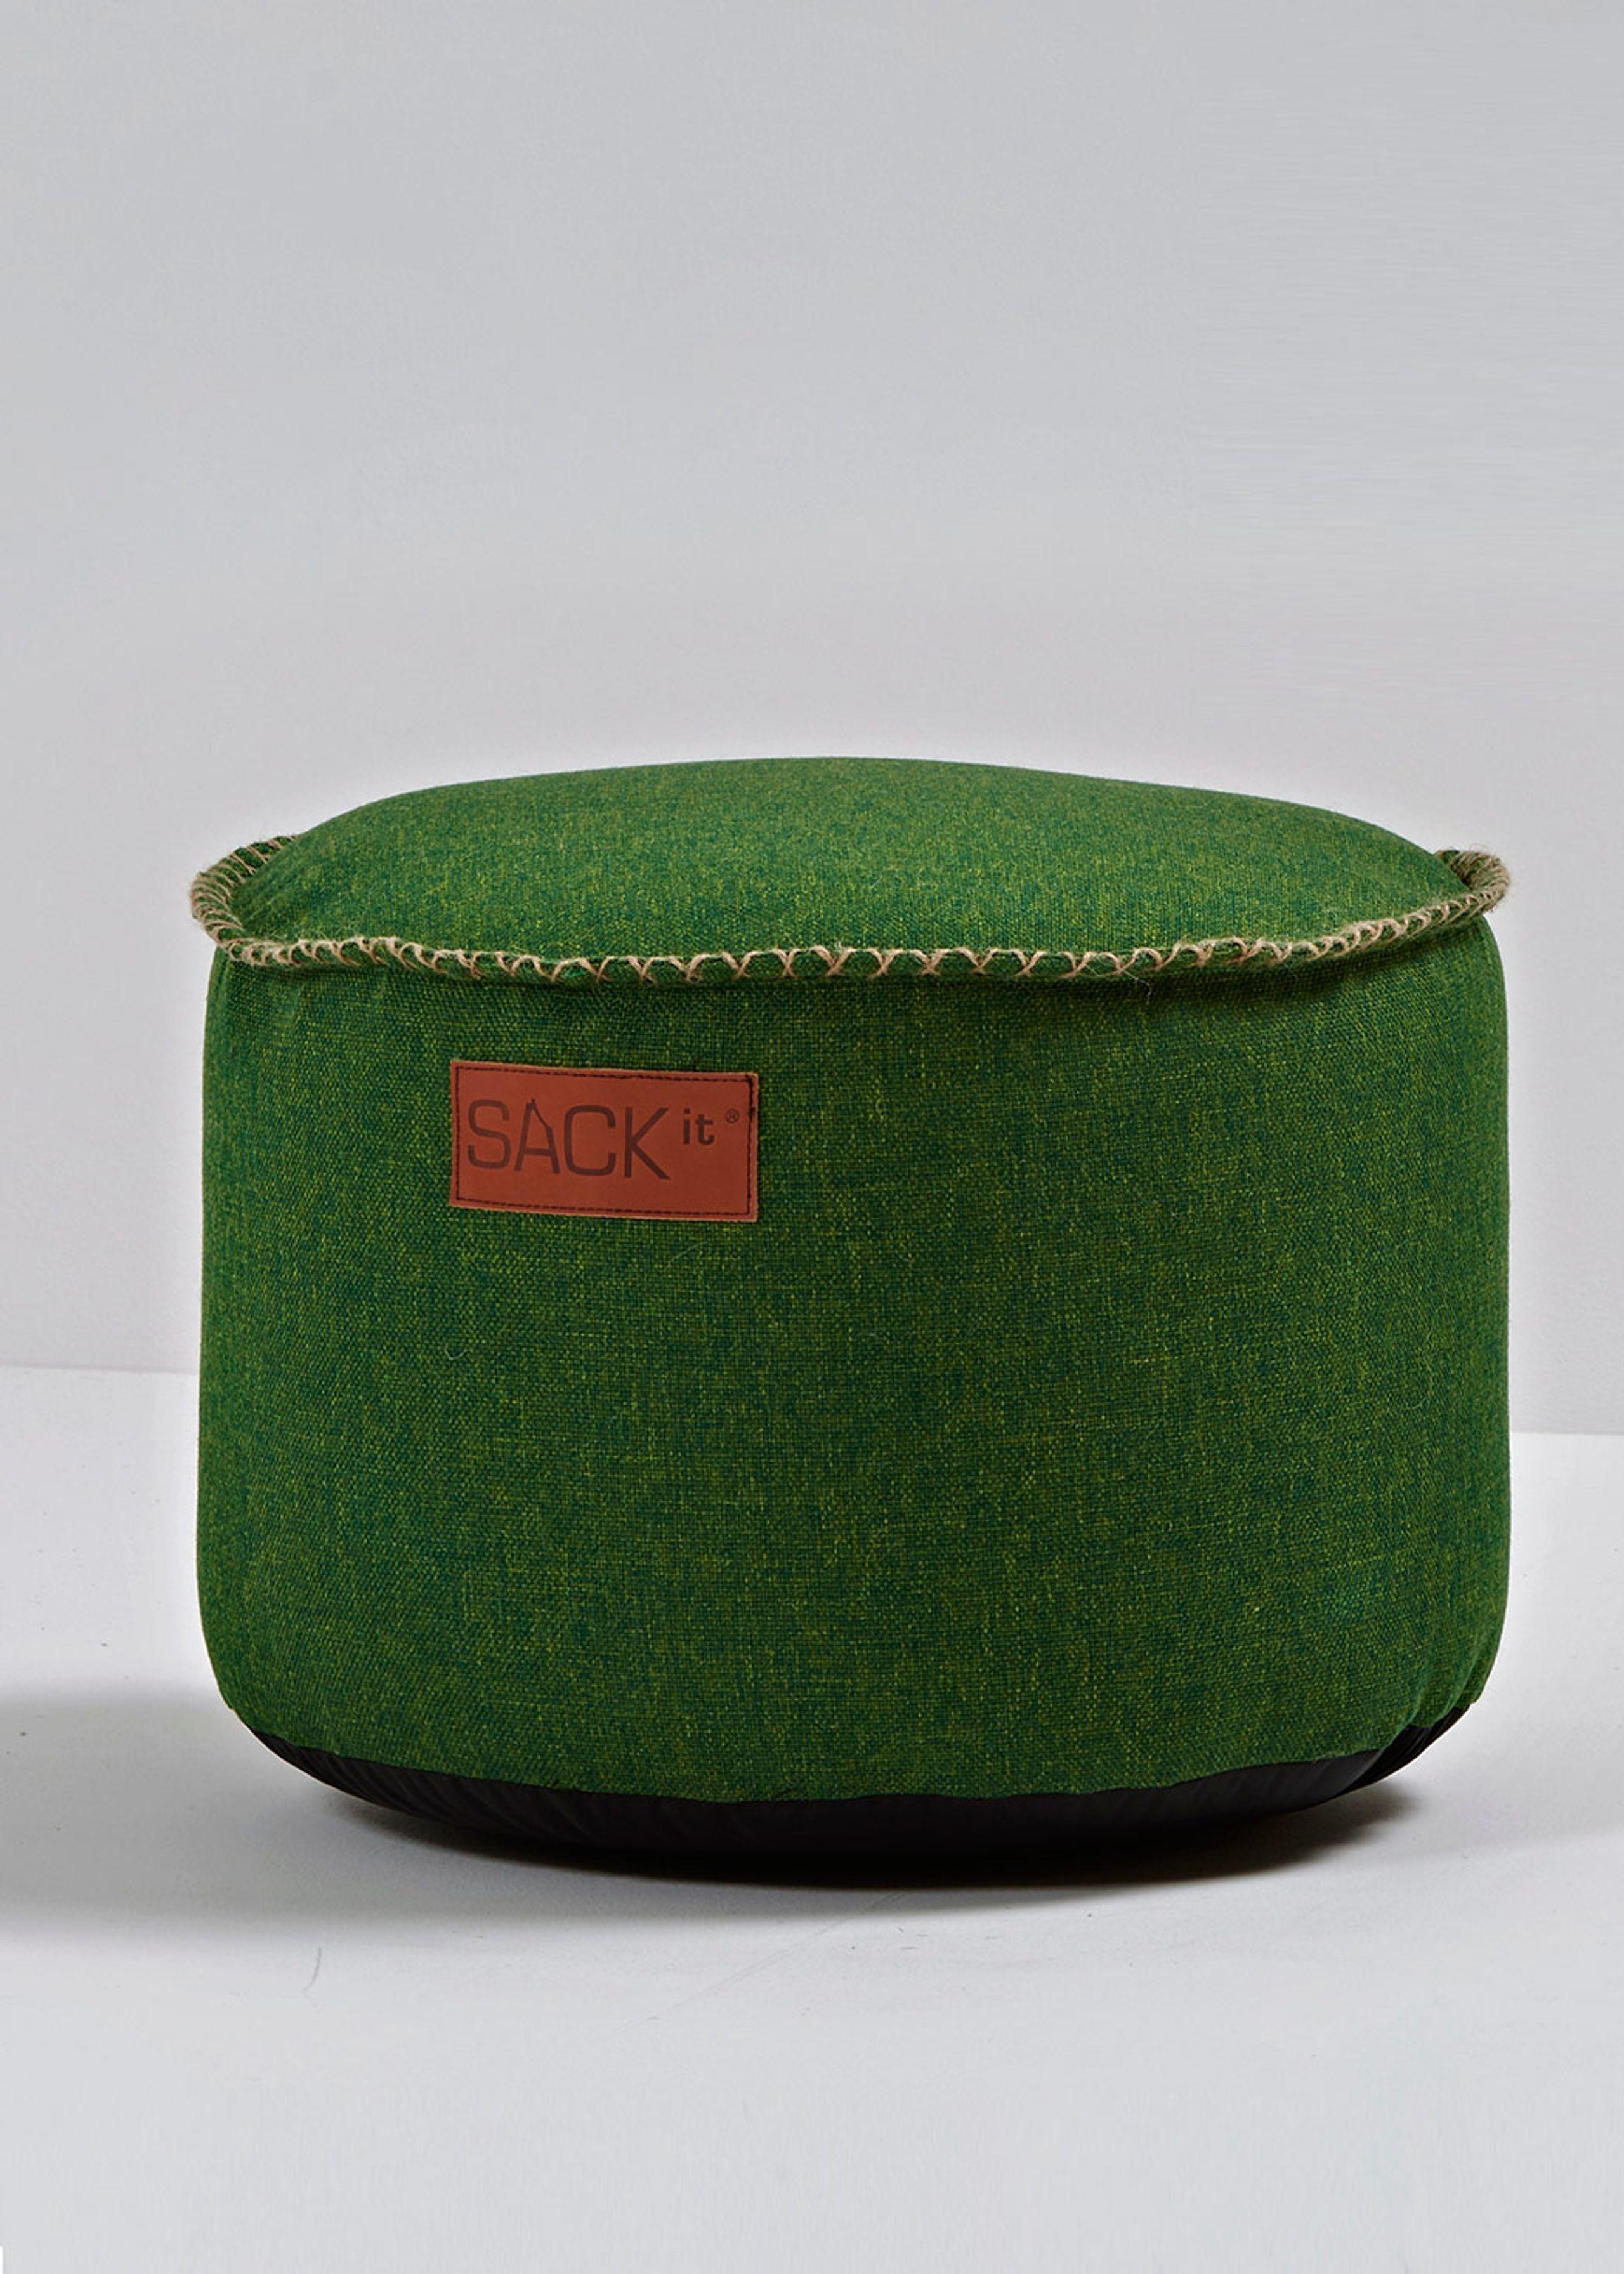 Image of   SackIT - RETROit Cobana - Drum